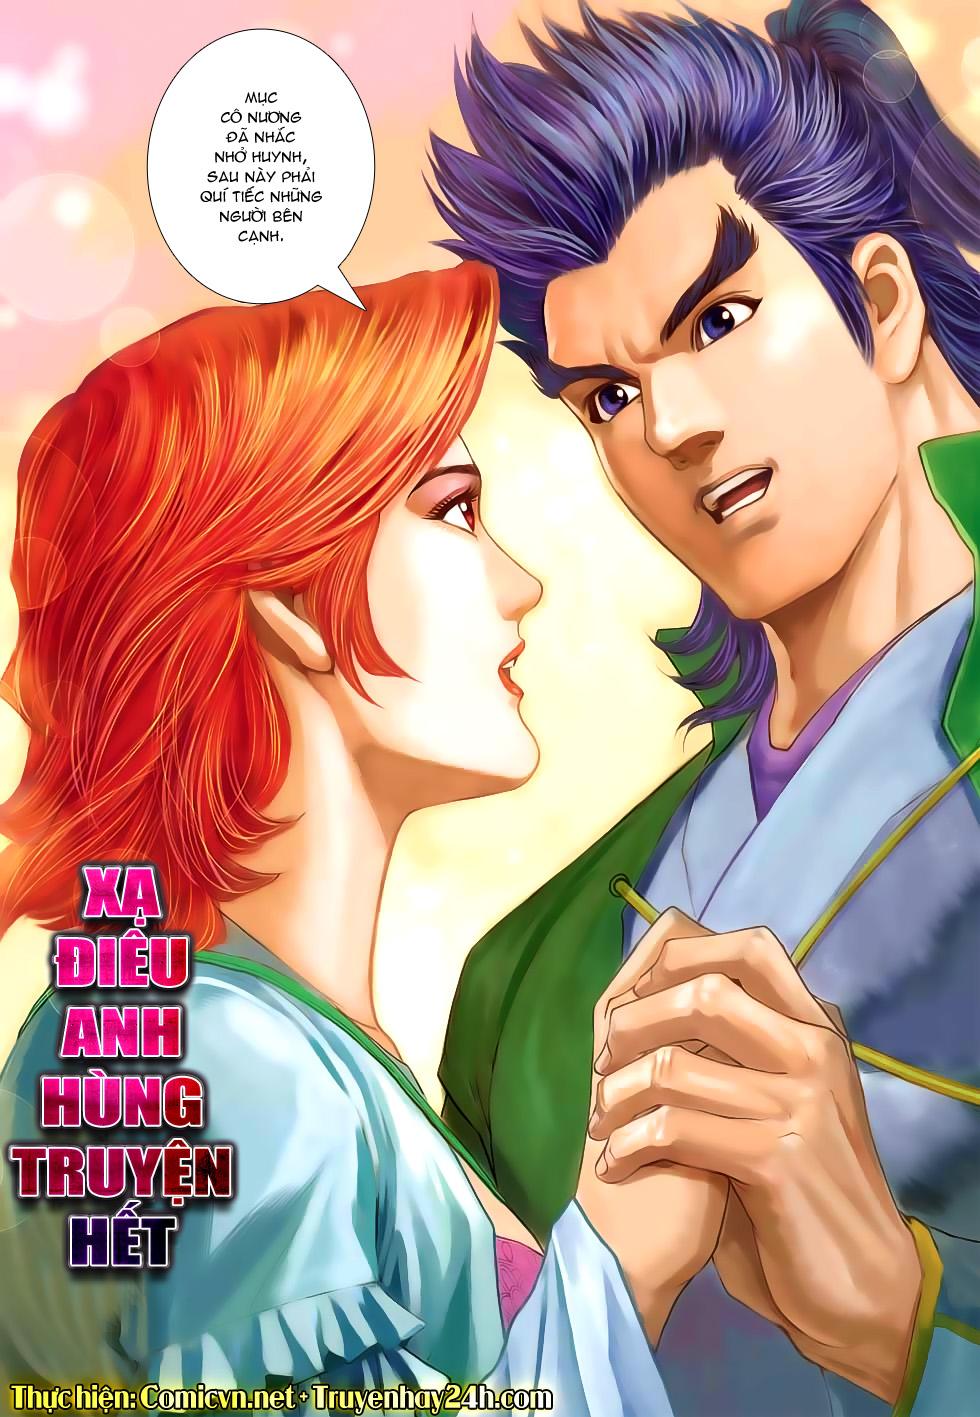 Xạ Điêu Anh Hùng Truyện chap 100 – End Trang 33 - Mangak.info